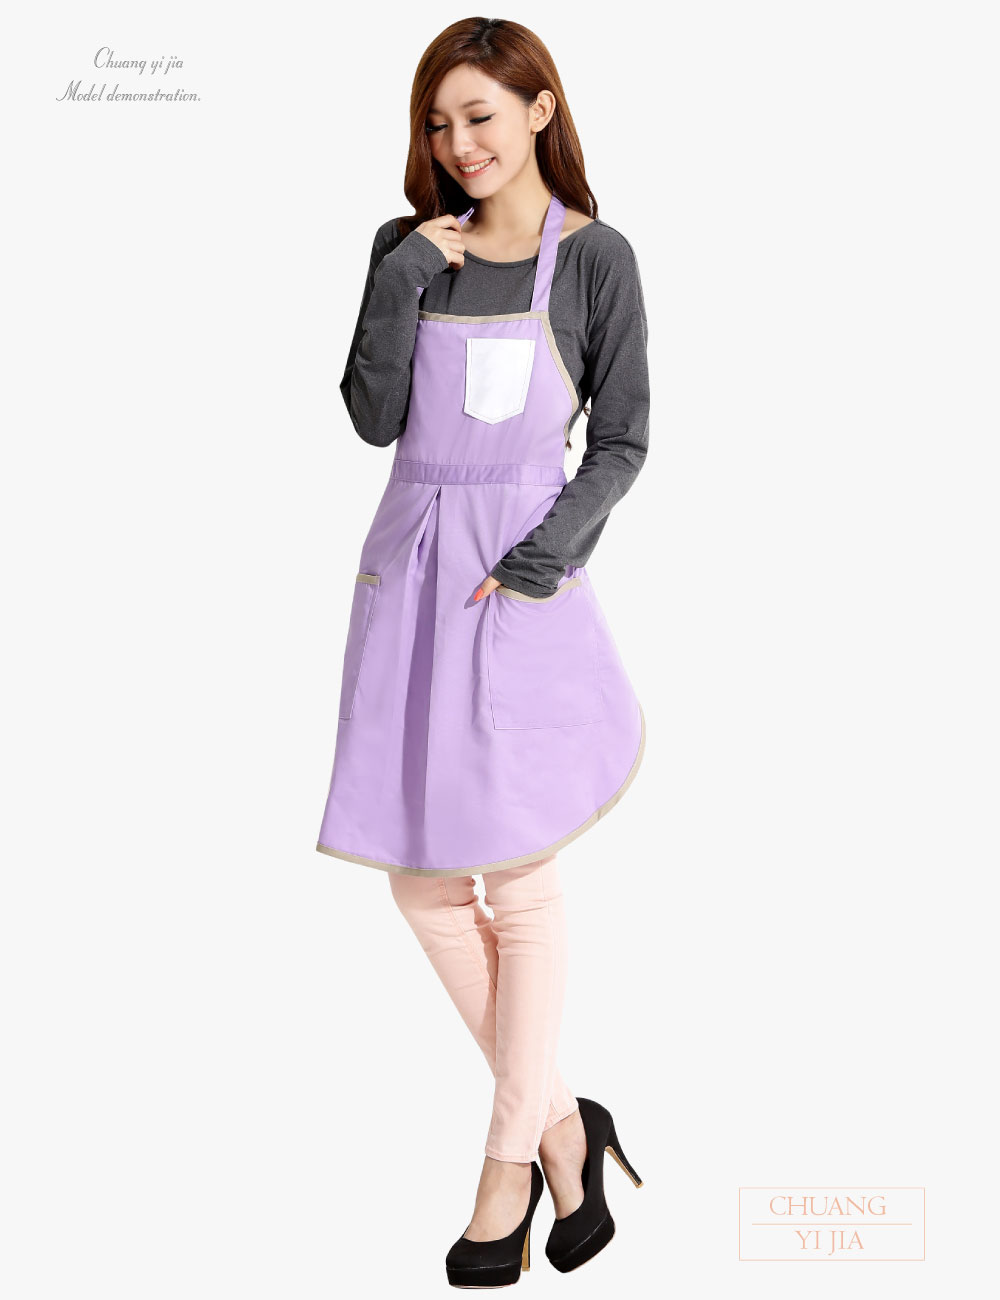 韓版圍裙,井式圍裙,工作圍裙,專業圍裙,廚師圍裙,烘培圍裙,園藝圍裙,防髒圍裙,日式圍裙,半截圍裙,圍裙訂製,職人日式圍裙圍